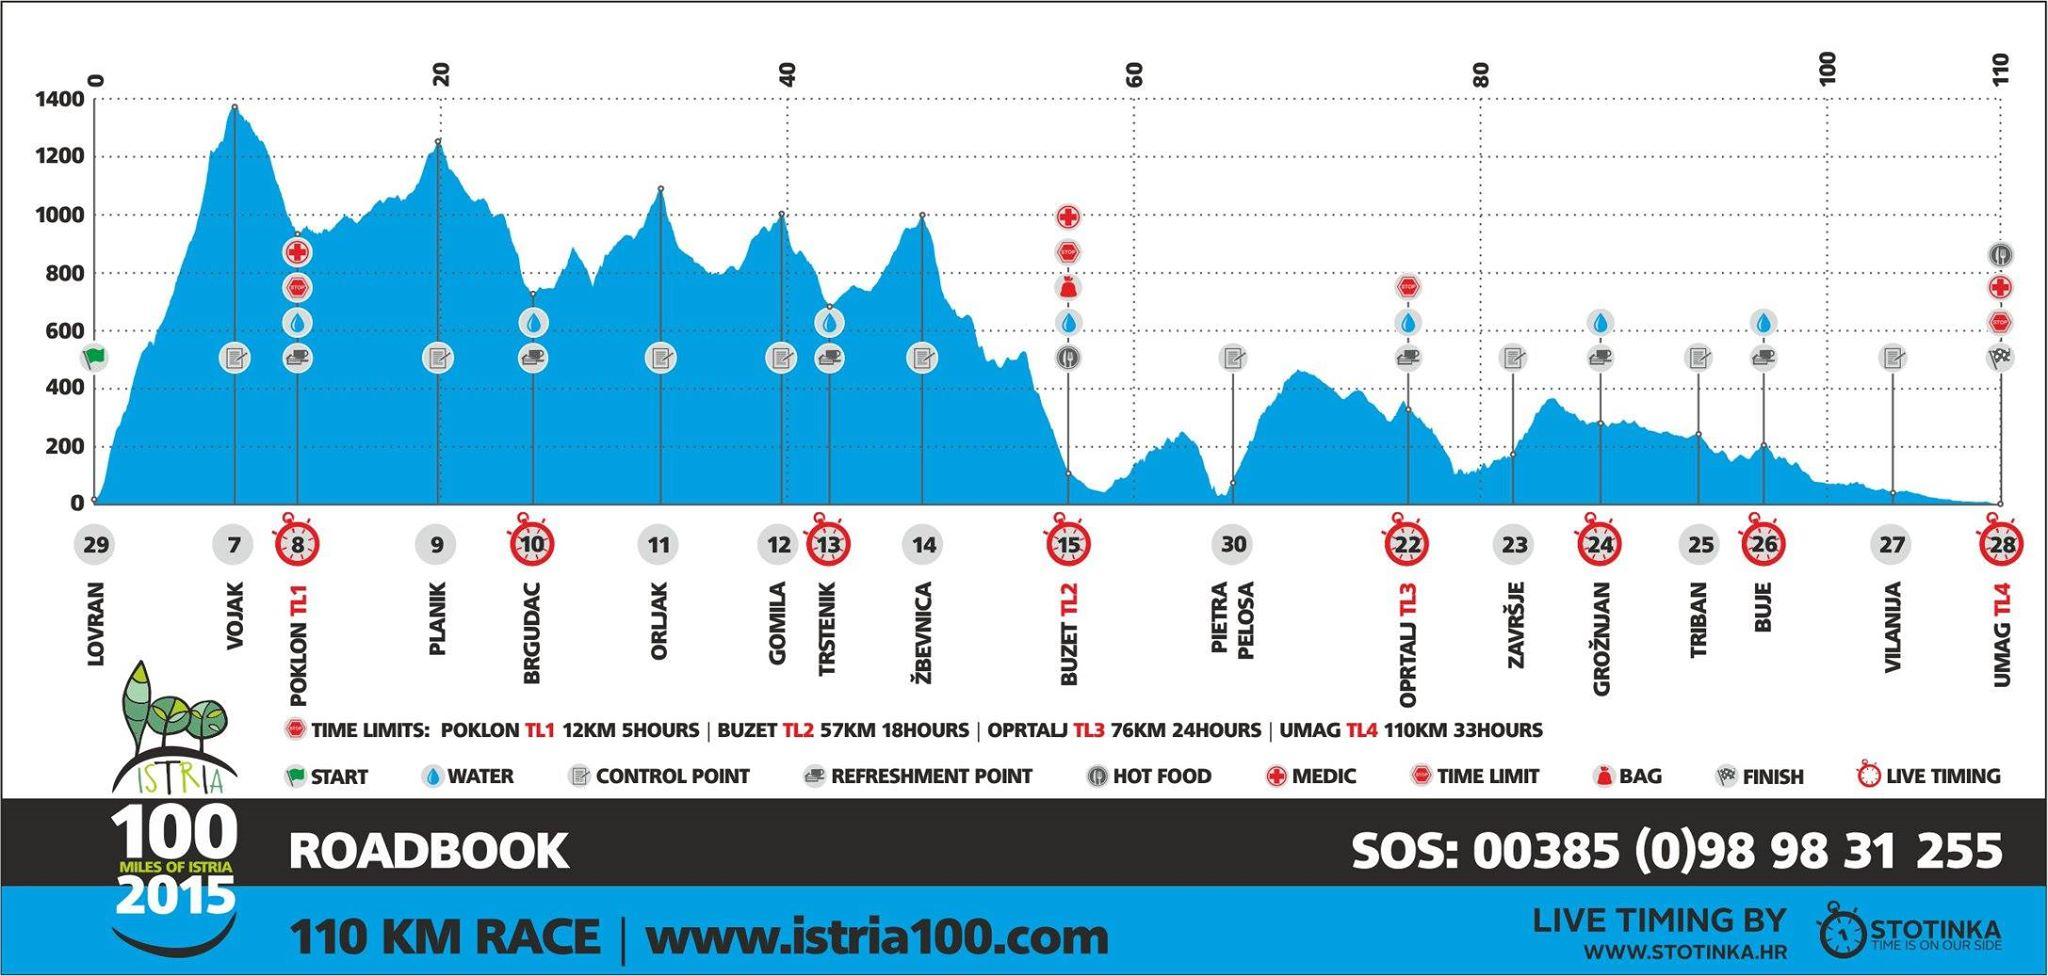 Sasinka Online - Istria 100 Miles 2015 - 110km race